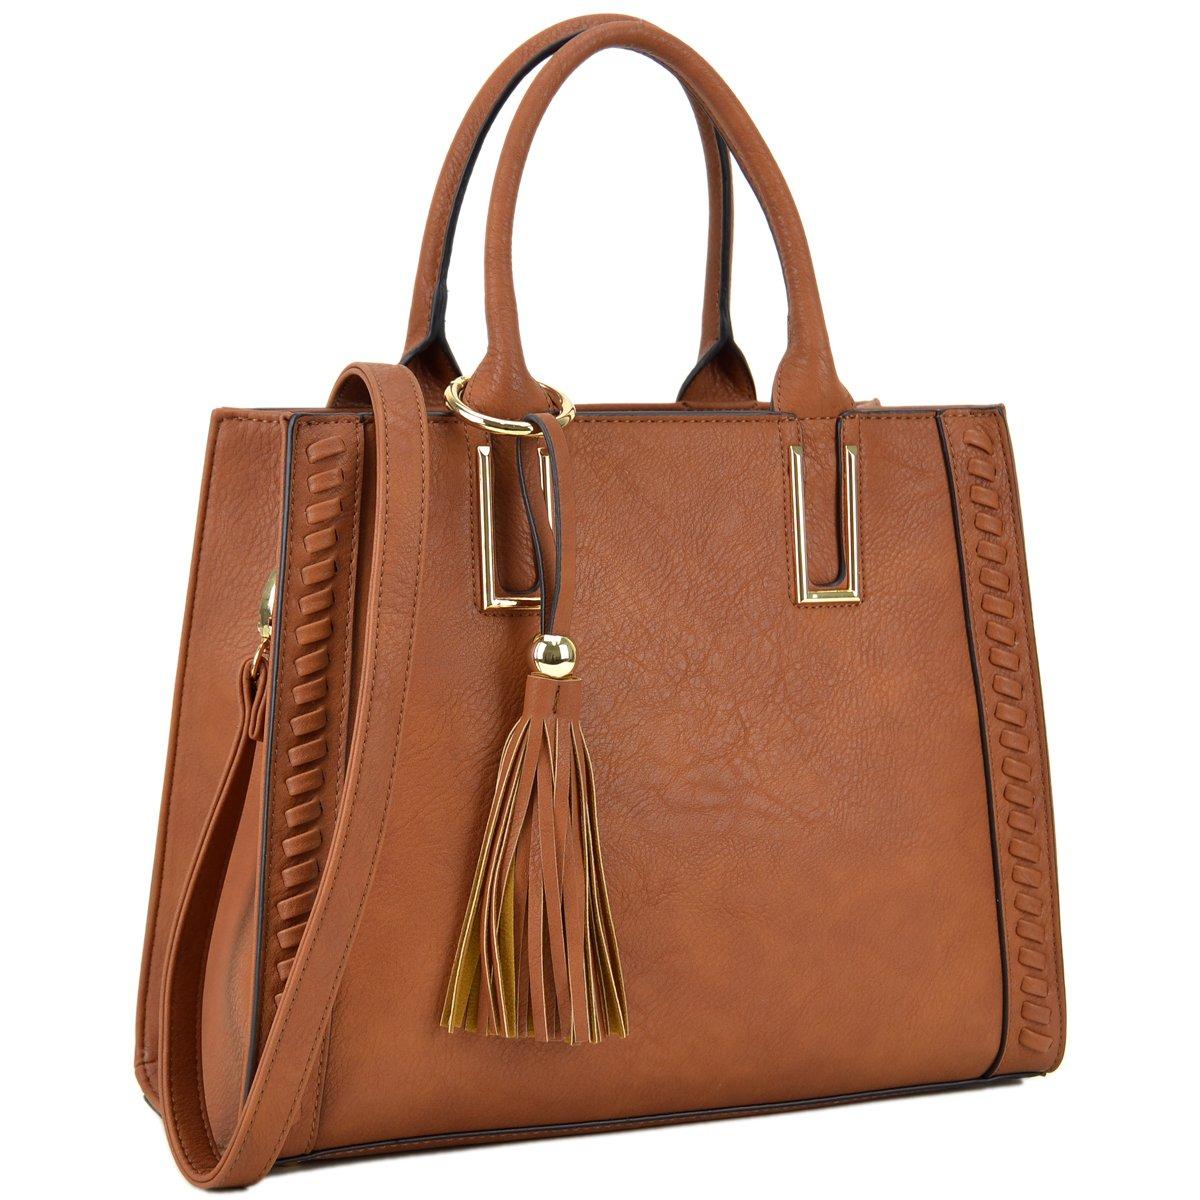 Lady Tassel Designer Satchel Handbags Vegan Leather Purses Shoulder Bags for Women with Shoulder Strap